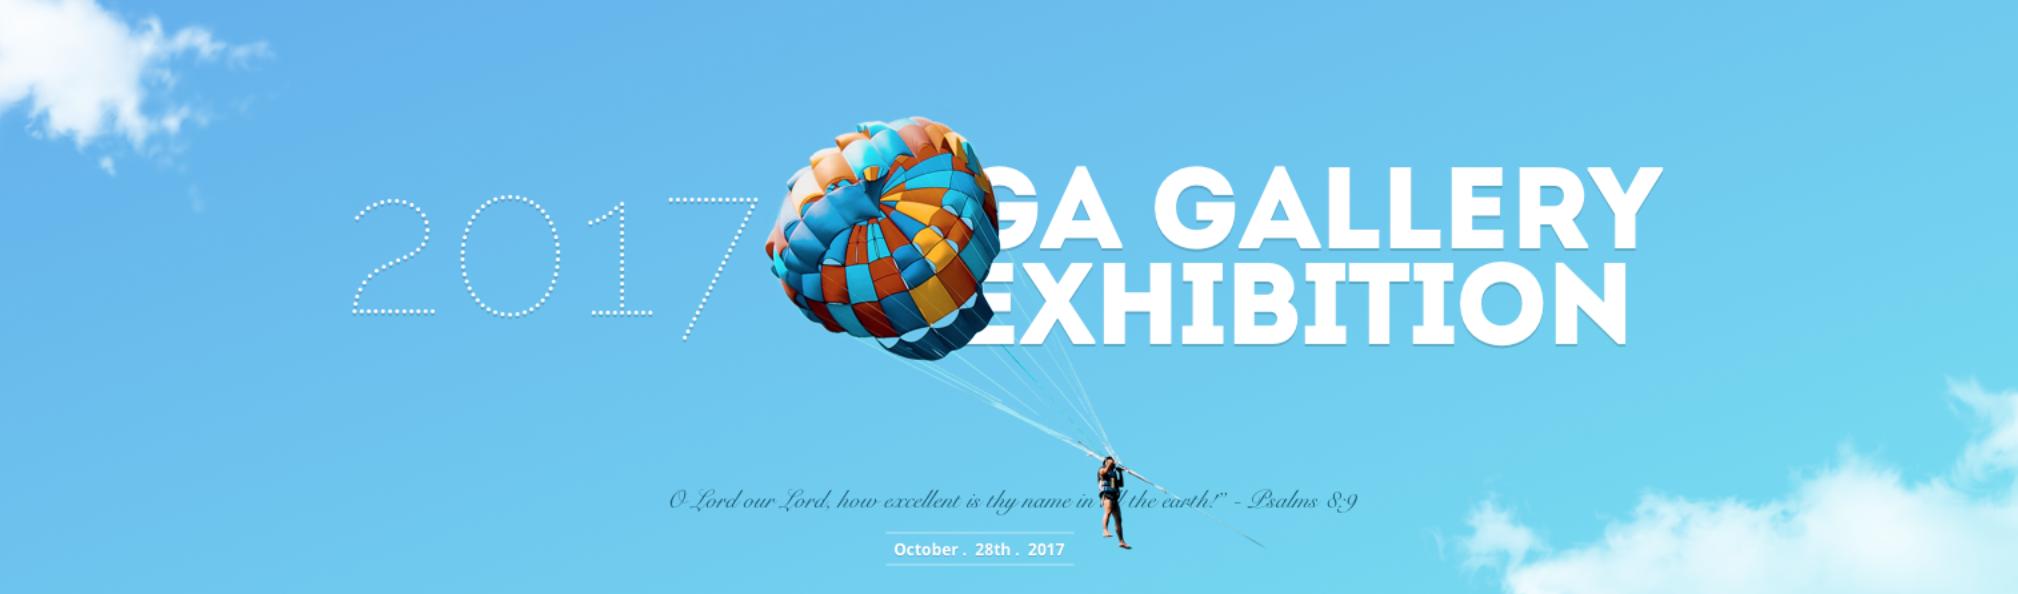 Creatio GA Gallery Exhibition